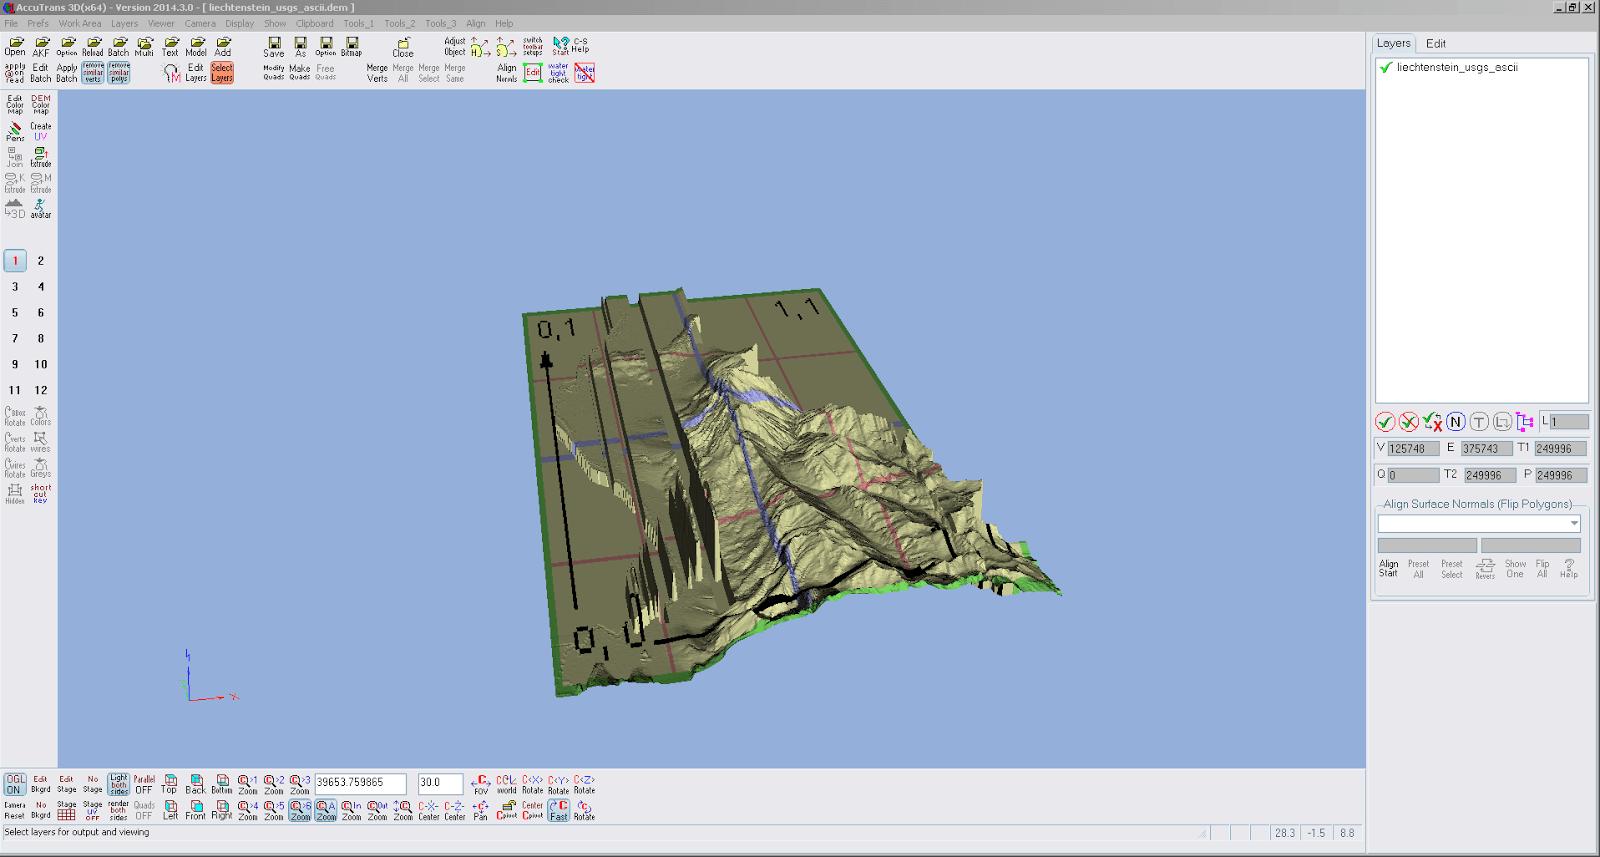 Screenshot der importierten DEM Daten in AccuTrans 3D, etwas stimmt mit der Darstellung nicht